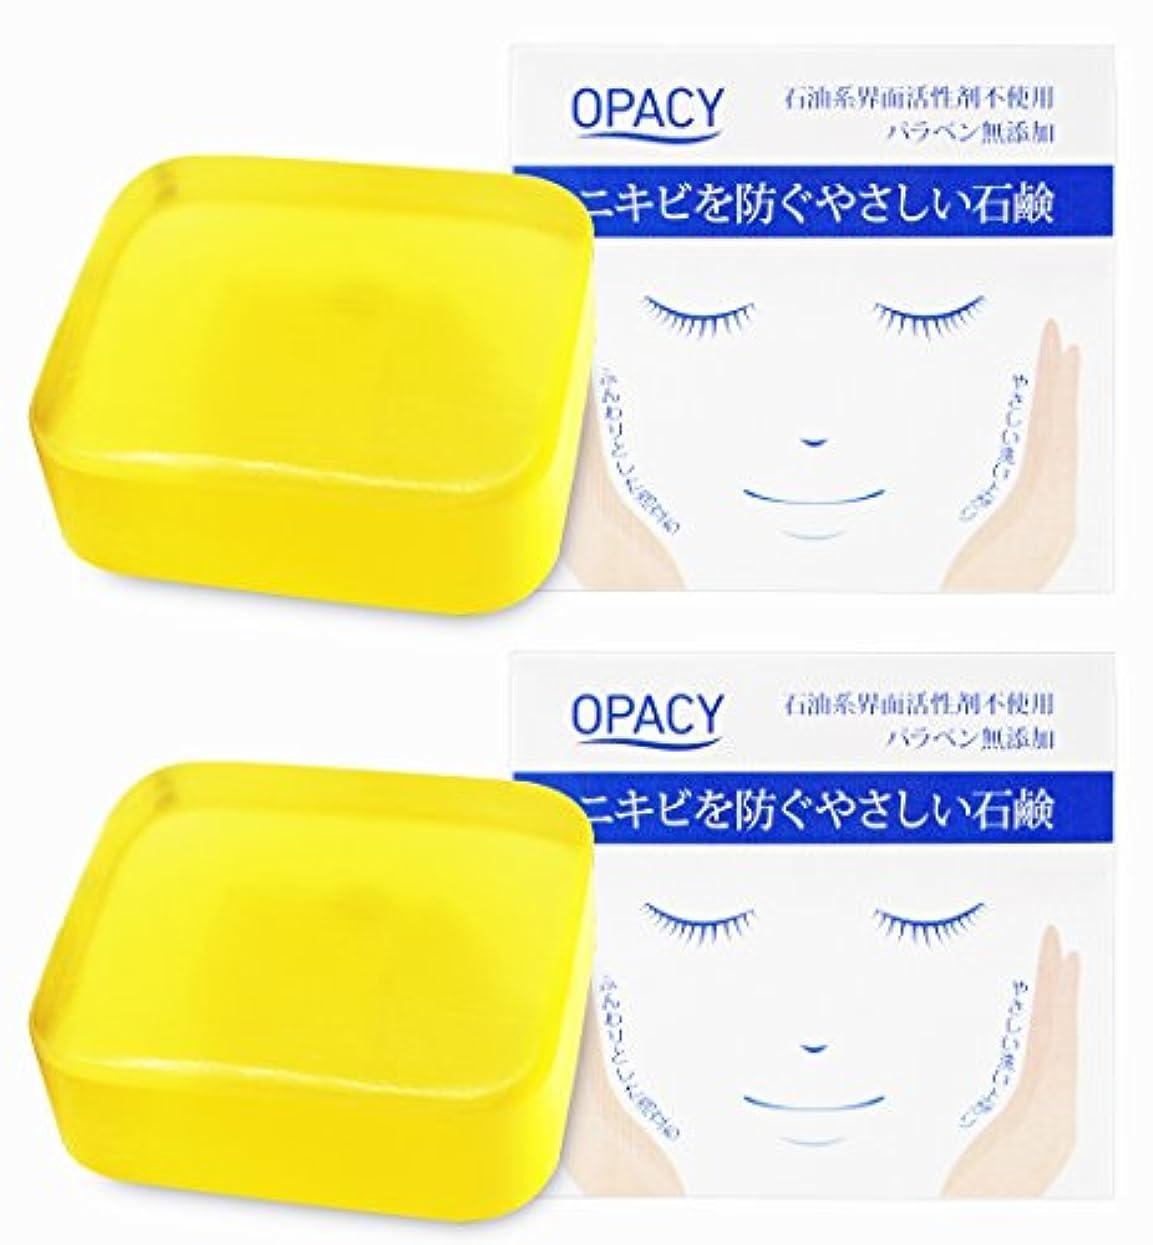 プリーツカストディアン版【2個セット】オパシー石鹸100g (2個)